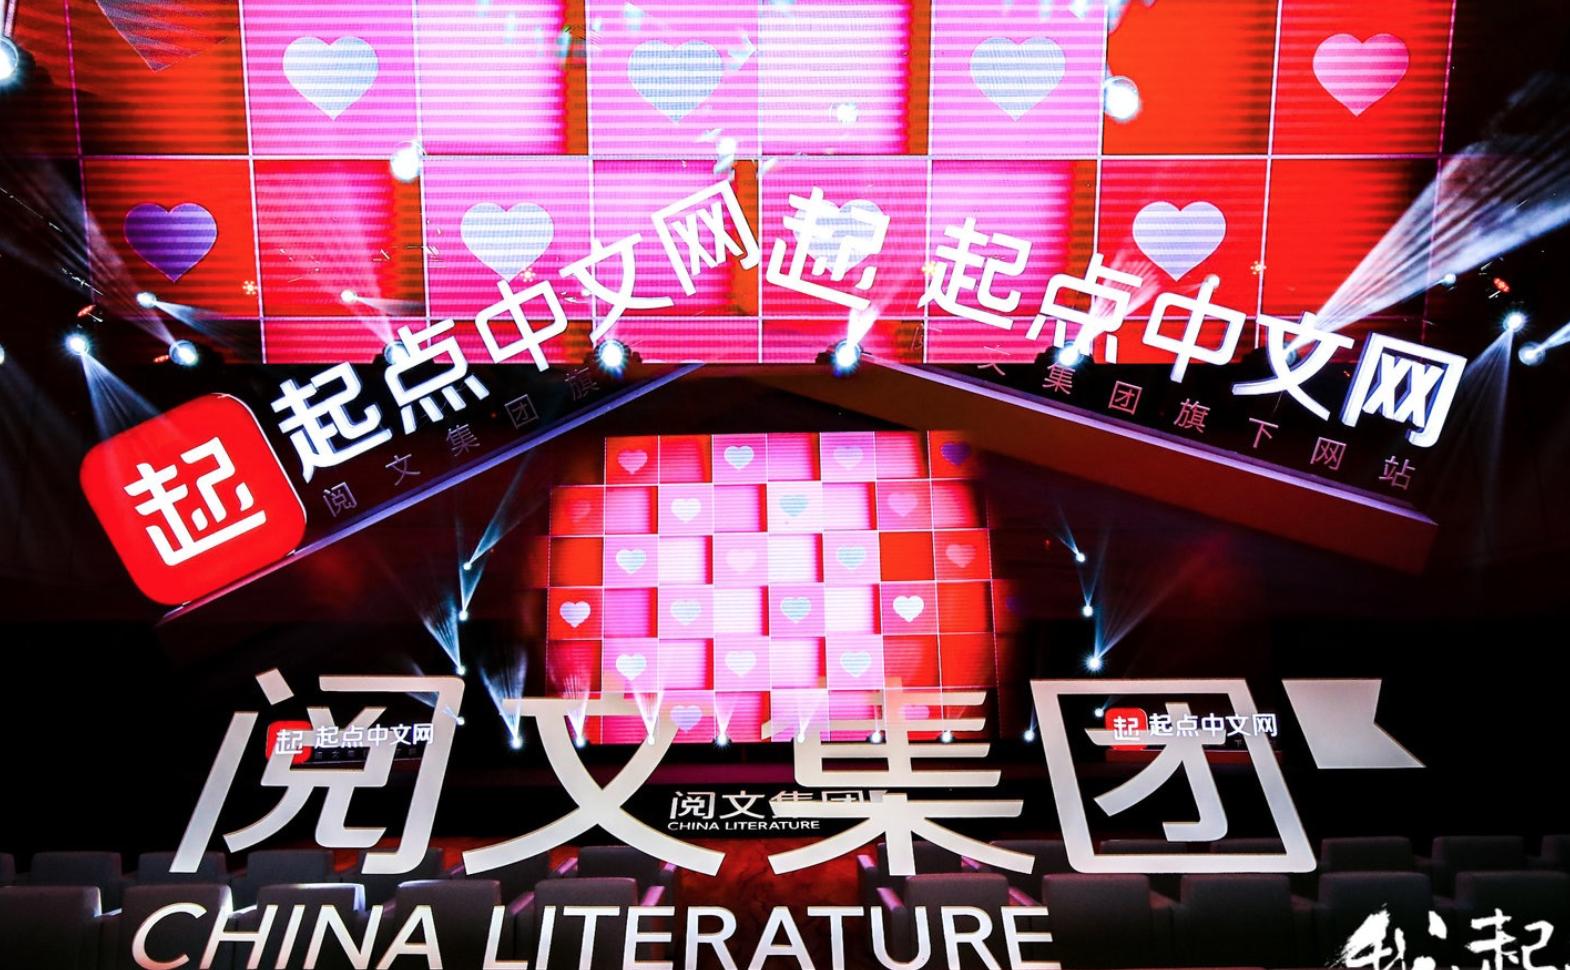 阅文集团吴文辉:起点中文网的生命力源于热爱、尊重和创新